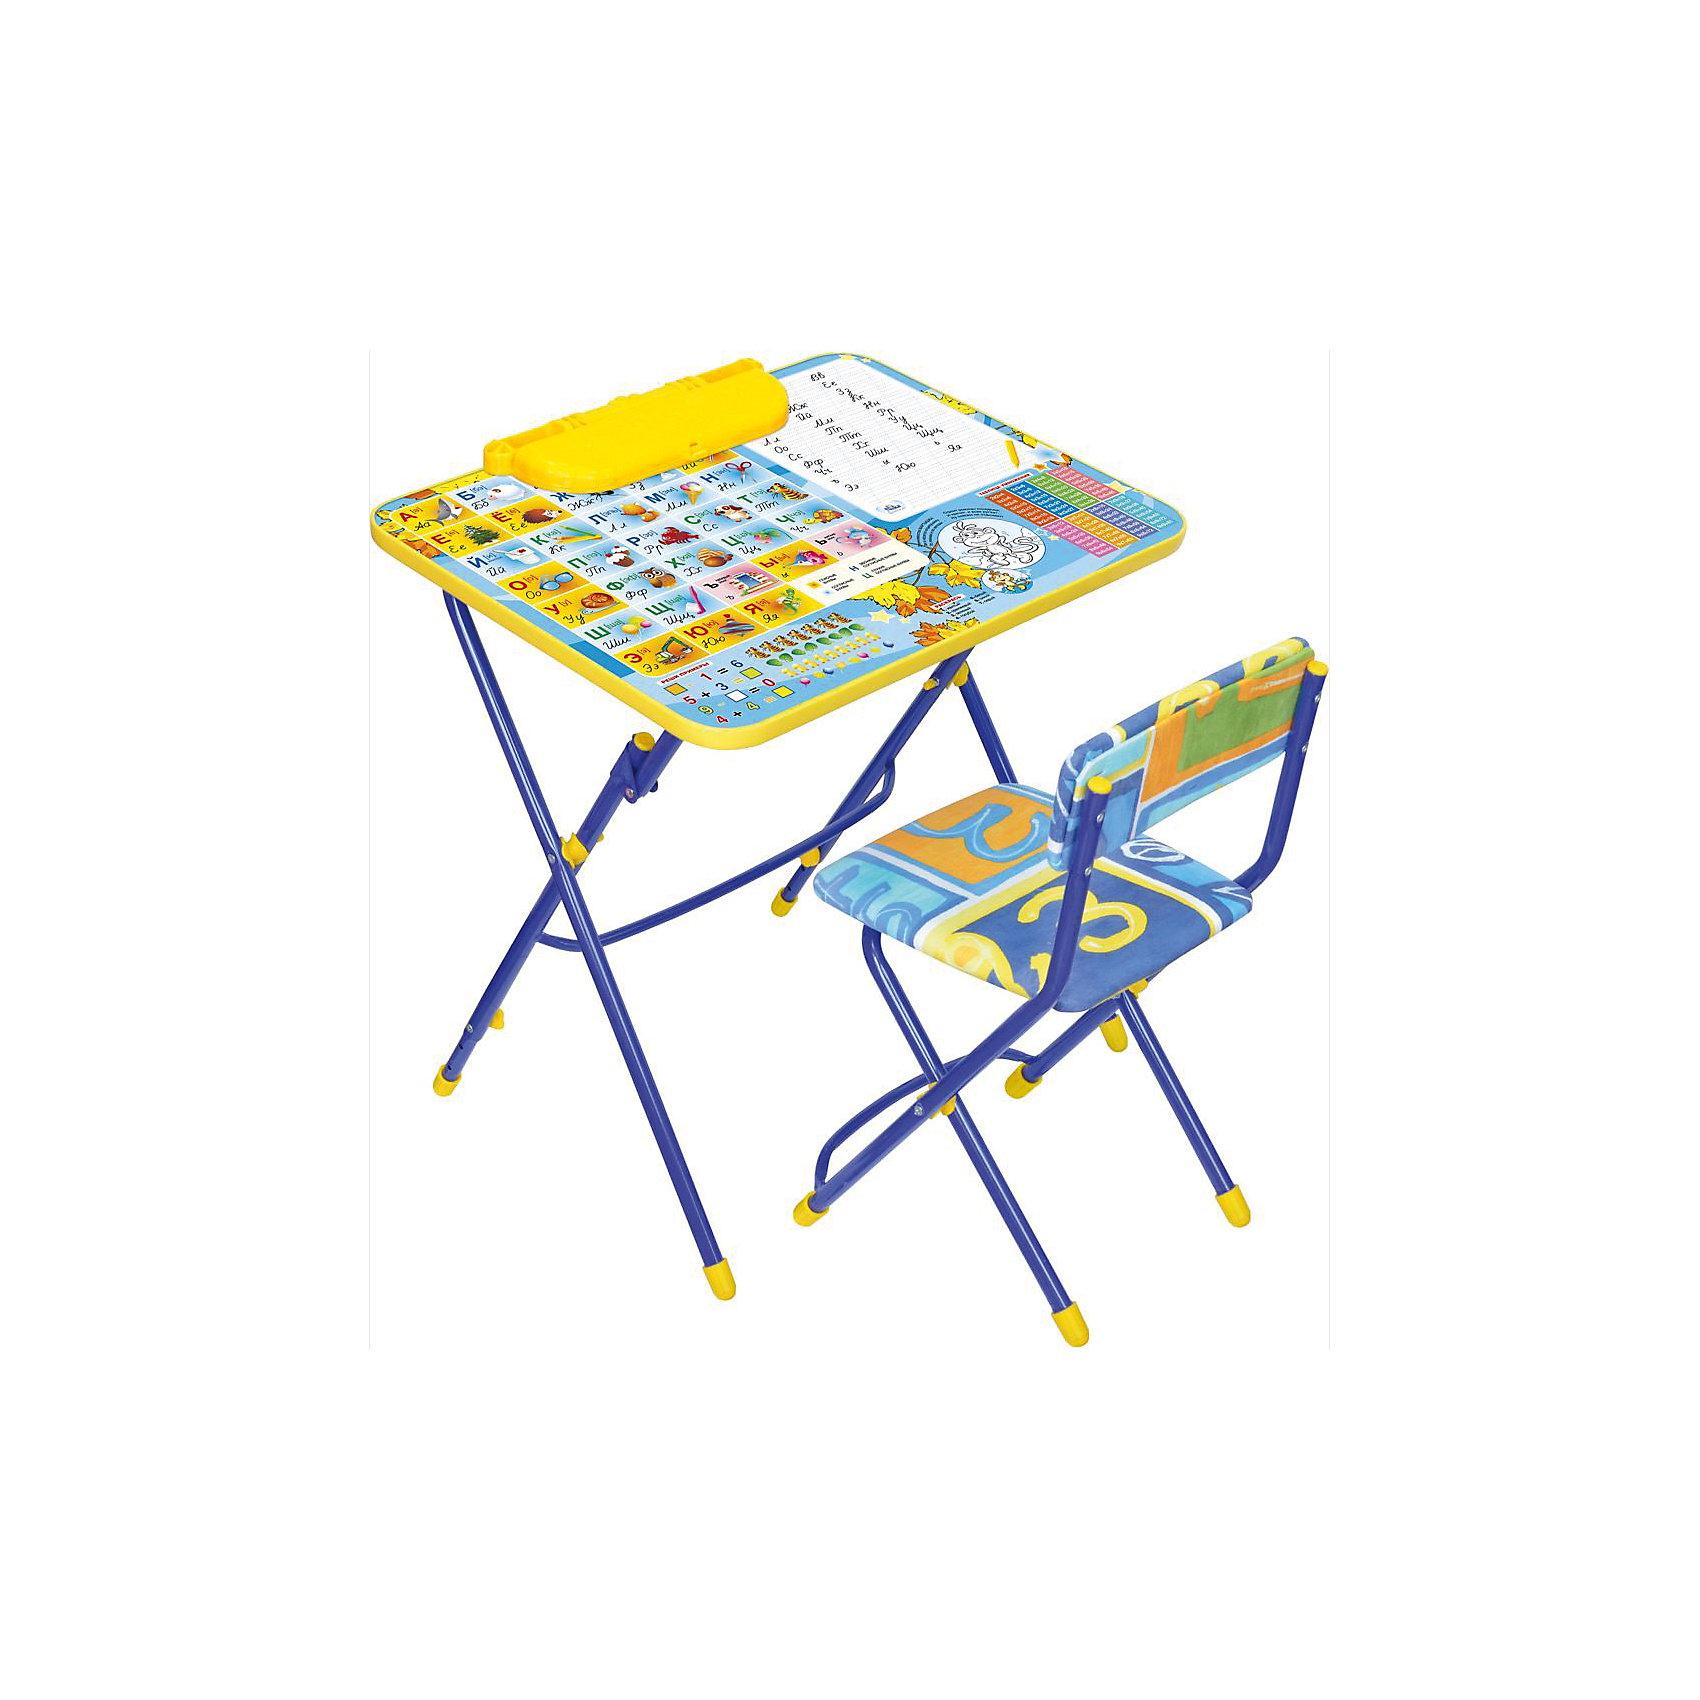 Набор мебели Никки КУ3/11 Первоклашка. Осень, НикаСтолы и стулья<br>Характеристики товара:<br><br>• материал: металл, пластик, текстиль<br>• размер столешницы: 60х45 см<br>• высота стола: 58 см<br>• сиденье: 31х27 см<br>• высота до сиденья: 32 см<br>• высота со спинкой 57 см<br>• подставка для ног<br>• стул с мягким сиденьем (флок)<br>• пенал<br>• складной<br>• на столешнице - полезные рисунки<br>• на ламинированной поверхности стола можно рисовать маркером на водной основе<br>• на ножках пластмассовые наконечники<br>• складной<br>• возраст: от 3 до 7 лет<br>• страна бренда: Российская Федерация<br>• страна производства: Российская Федерация<br><br>Детская мебель может быть удобной и эргономичной! Этот комплект разработан специально для детей от трех до семи лет. Он легко складывается и раскладывается, занимает немного места, легко моется. Каркас сделан из прочного, но легкого металла, а на ножках установлены пластмассовые наконечники для защиты напольного покрытия. Столешница украшена полезными познавательными рисунками. Отличное решение как для кормления малыша, так и для игр, творчества и обучения!<br>Правильно подобранная мебель помогает ребенку расти здоровым, формироваться правильной осанке. Изделие производится из качественных сертифицированных материалов, безопасных даже для самых маленьких.<br><br>Набор мебели Никки КУ3/11 Первоклашка. Осень, от бренда Ника можно купить в нашем интернет-магазине.<br><br>Ширина мм: 750<br>Глубина мм: 155<br>Высота мм: 610<br>Вес г: 8140<br>Возраст от месяцев: 36<br>Возраст до месяцев: 84<br>Пол: Унисекс<br>Возраст: Детский<br>SKU: 5223627